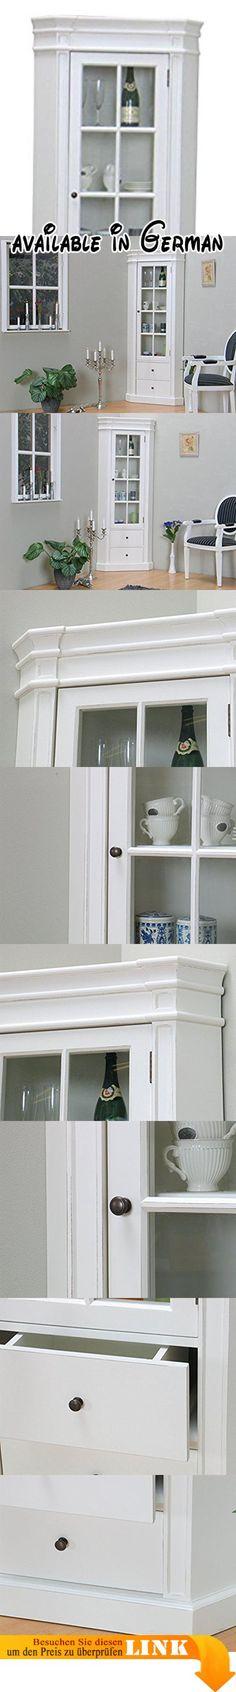 B017L2YAA0  Küchen Leerzeile 510 Witus 270 cm Melamin weiss - hochschrank 30 cm breit küche